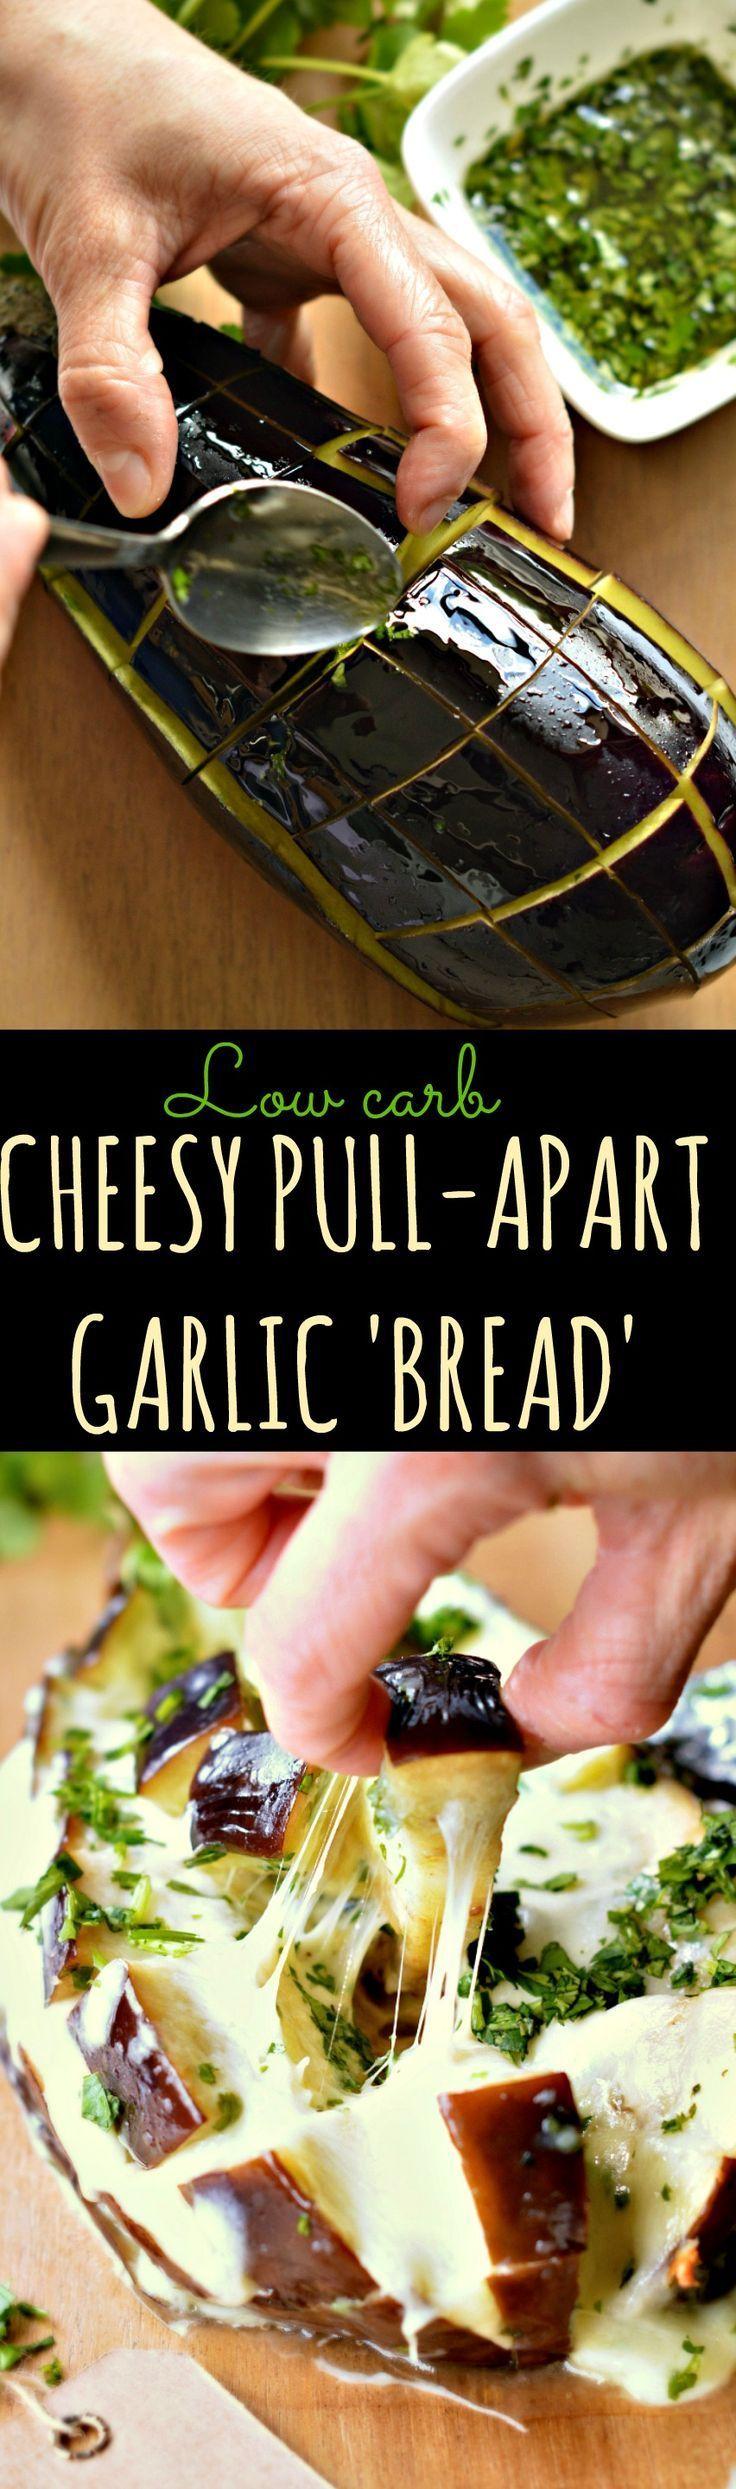 Low carb garlic Bread   Healthy pull apart garlic bread with eggplant   clean eating garlic bread alternative